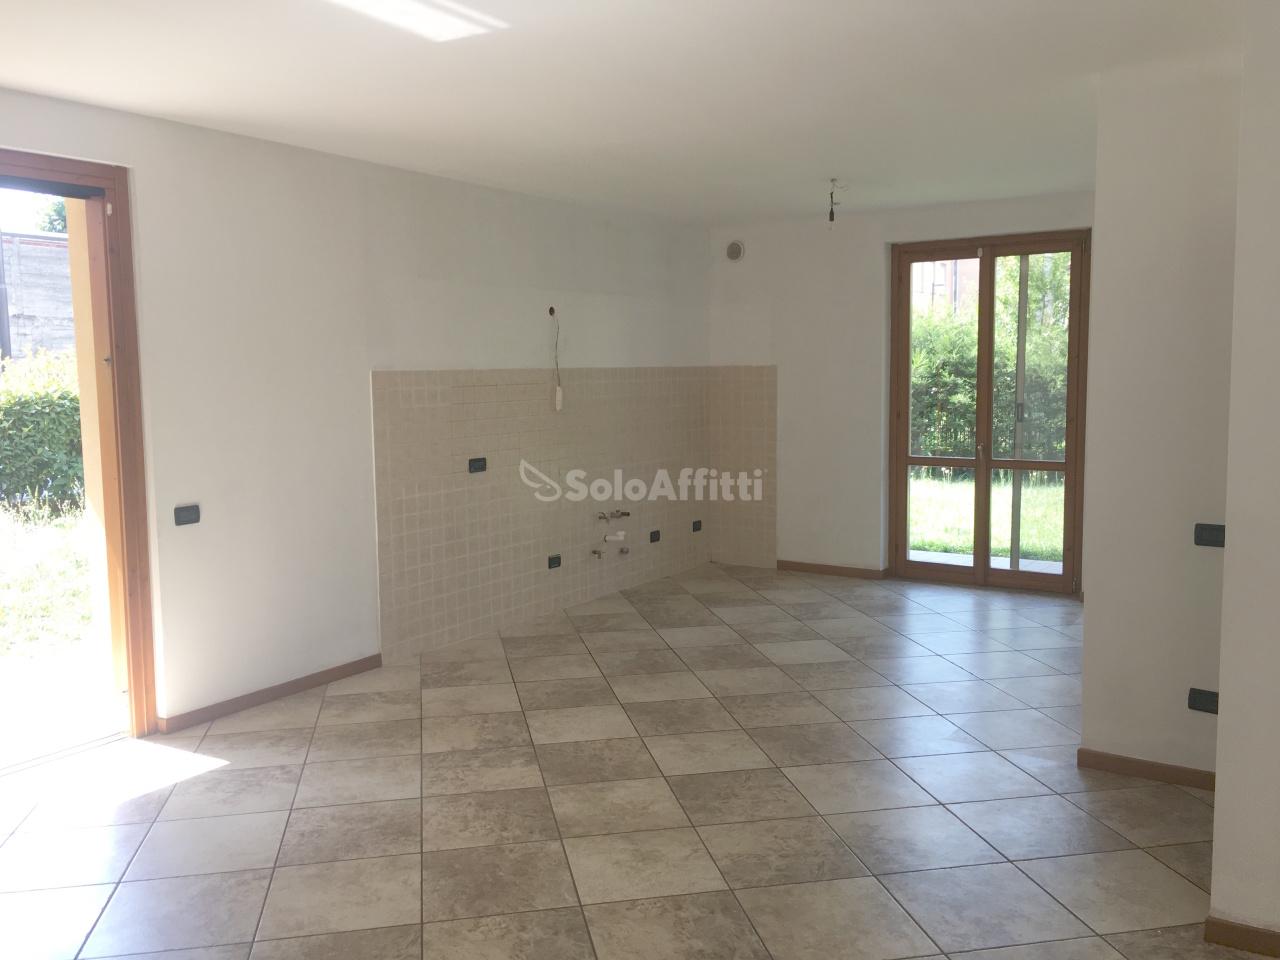 Appartamento in affitto a Calusco d'Adda, 5 locali, prezzo € 650 | PortaleAgenzieImmobiliari.it